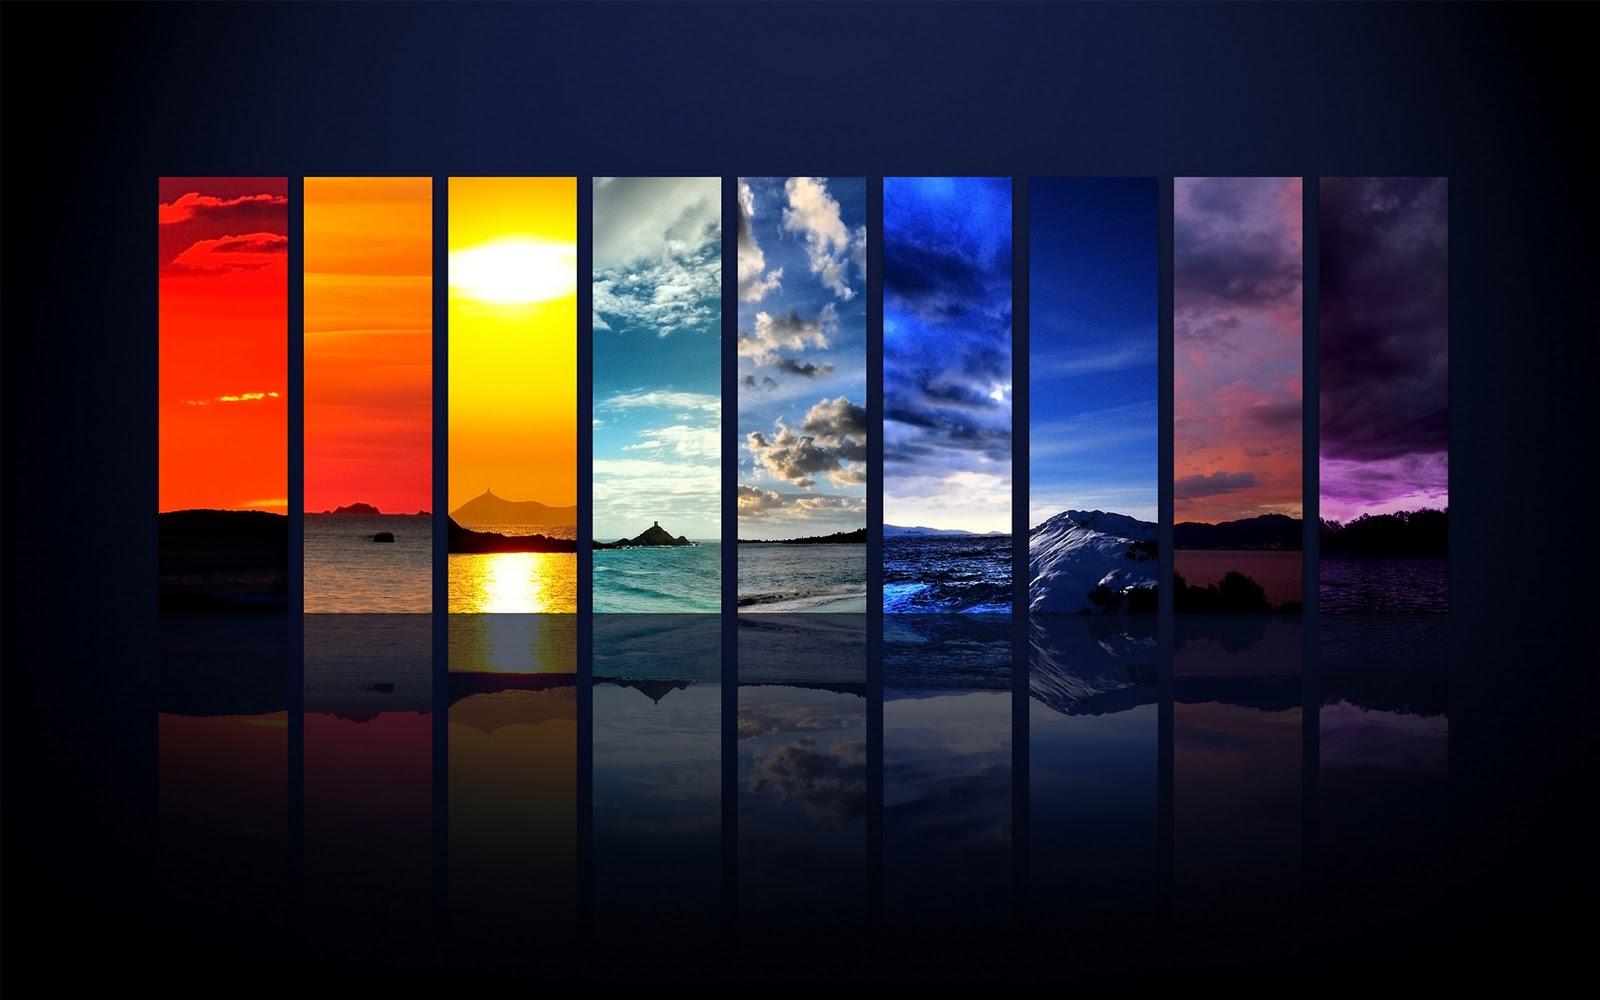 Fondos de pantalla y temas visuales para tu escritorio for El mejor fondo de pantalla